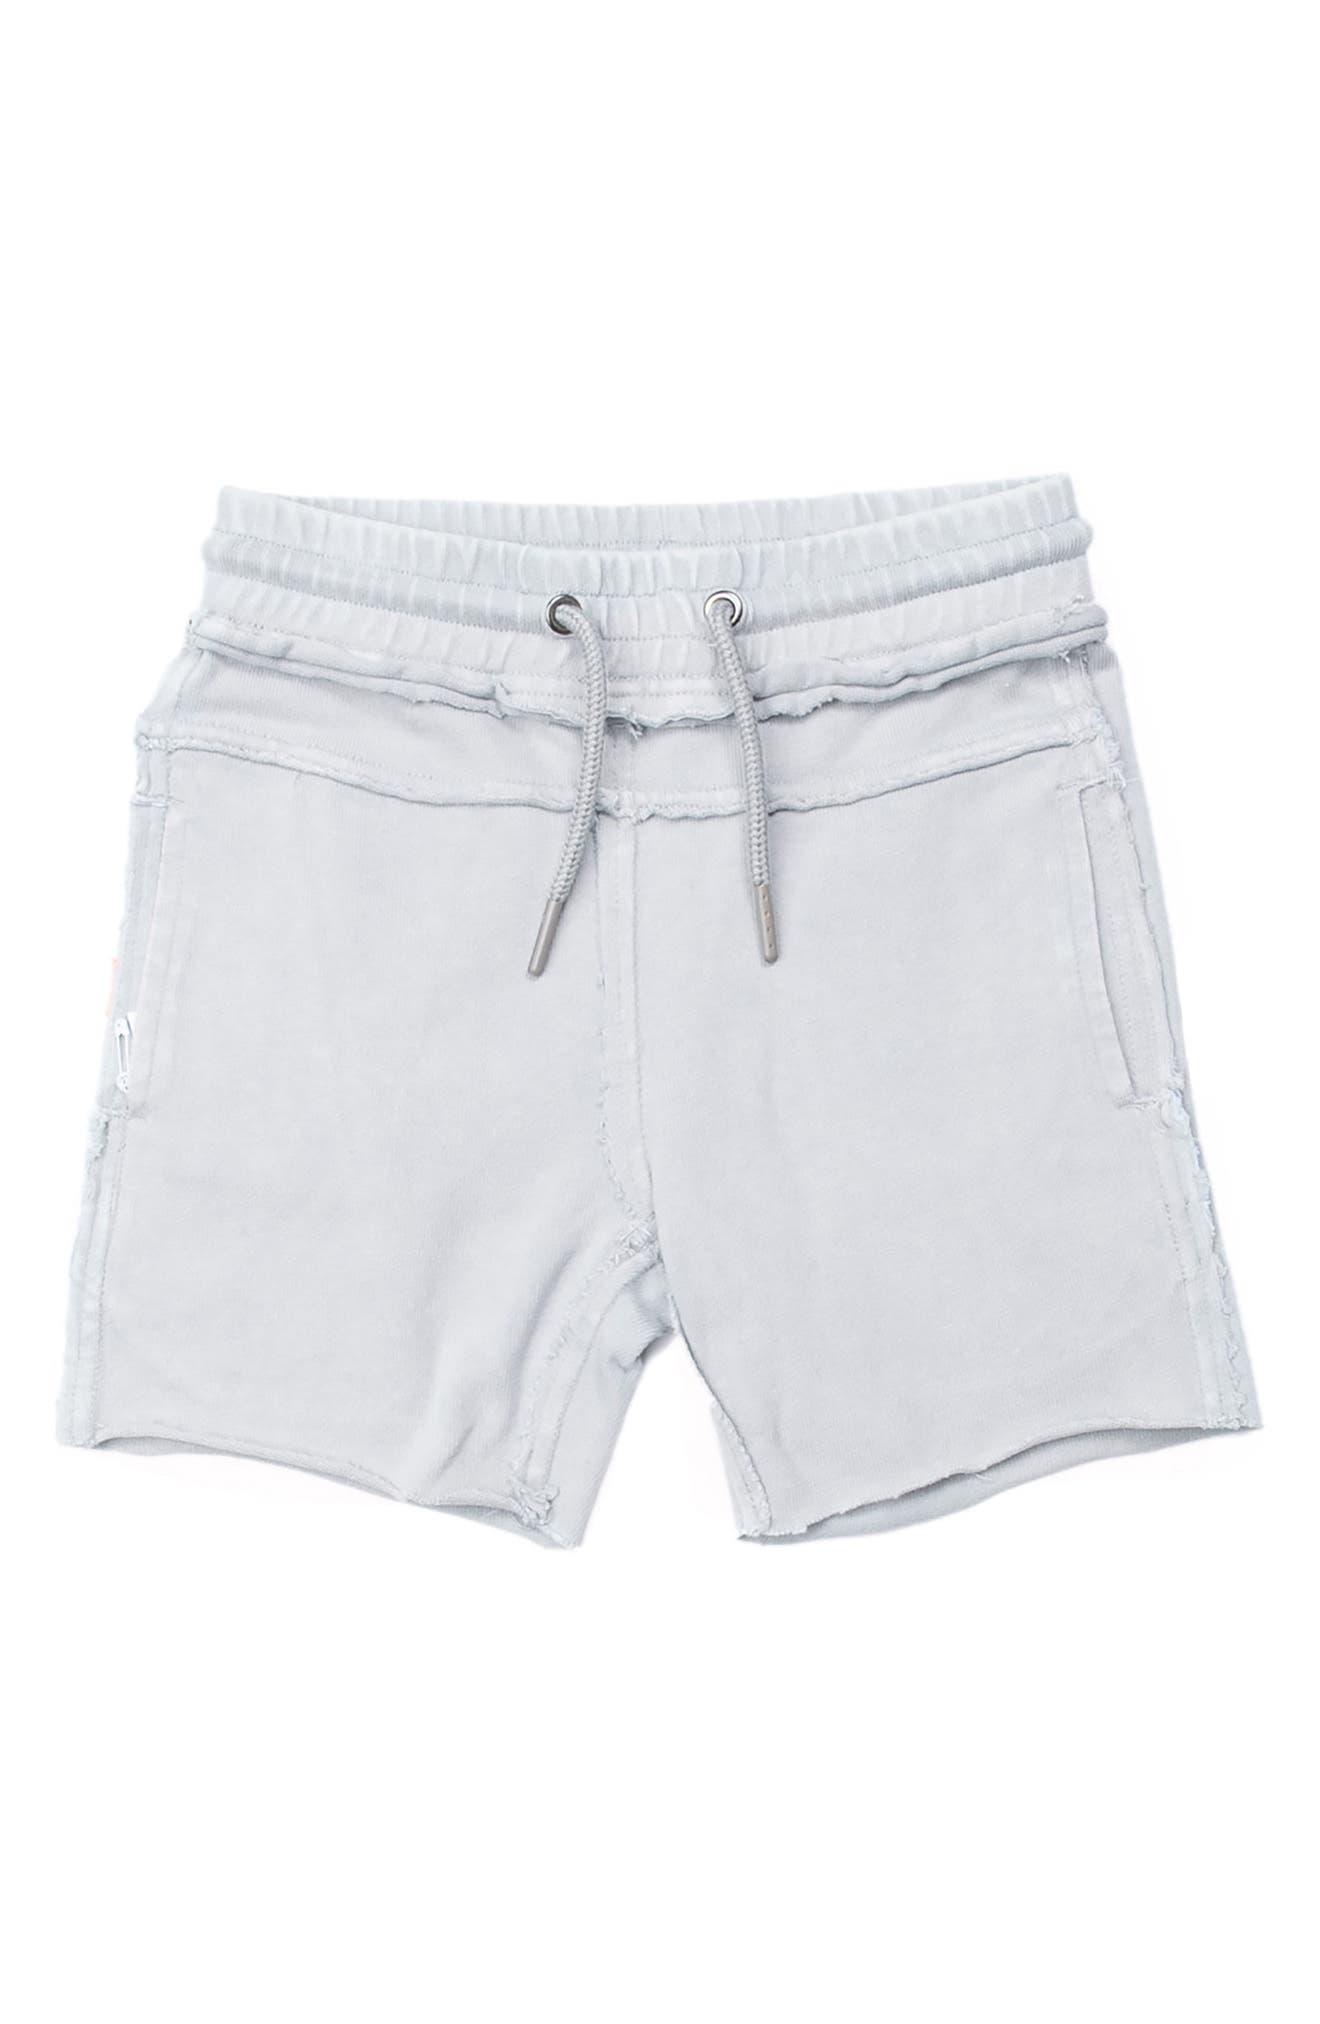 Kirk Distressed Shorts,                             Main thumbnail 1, color,                             020